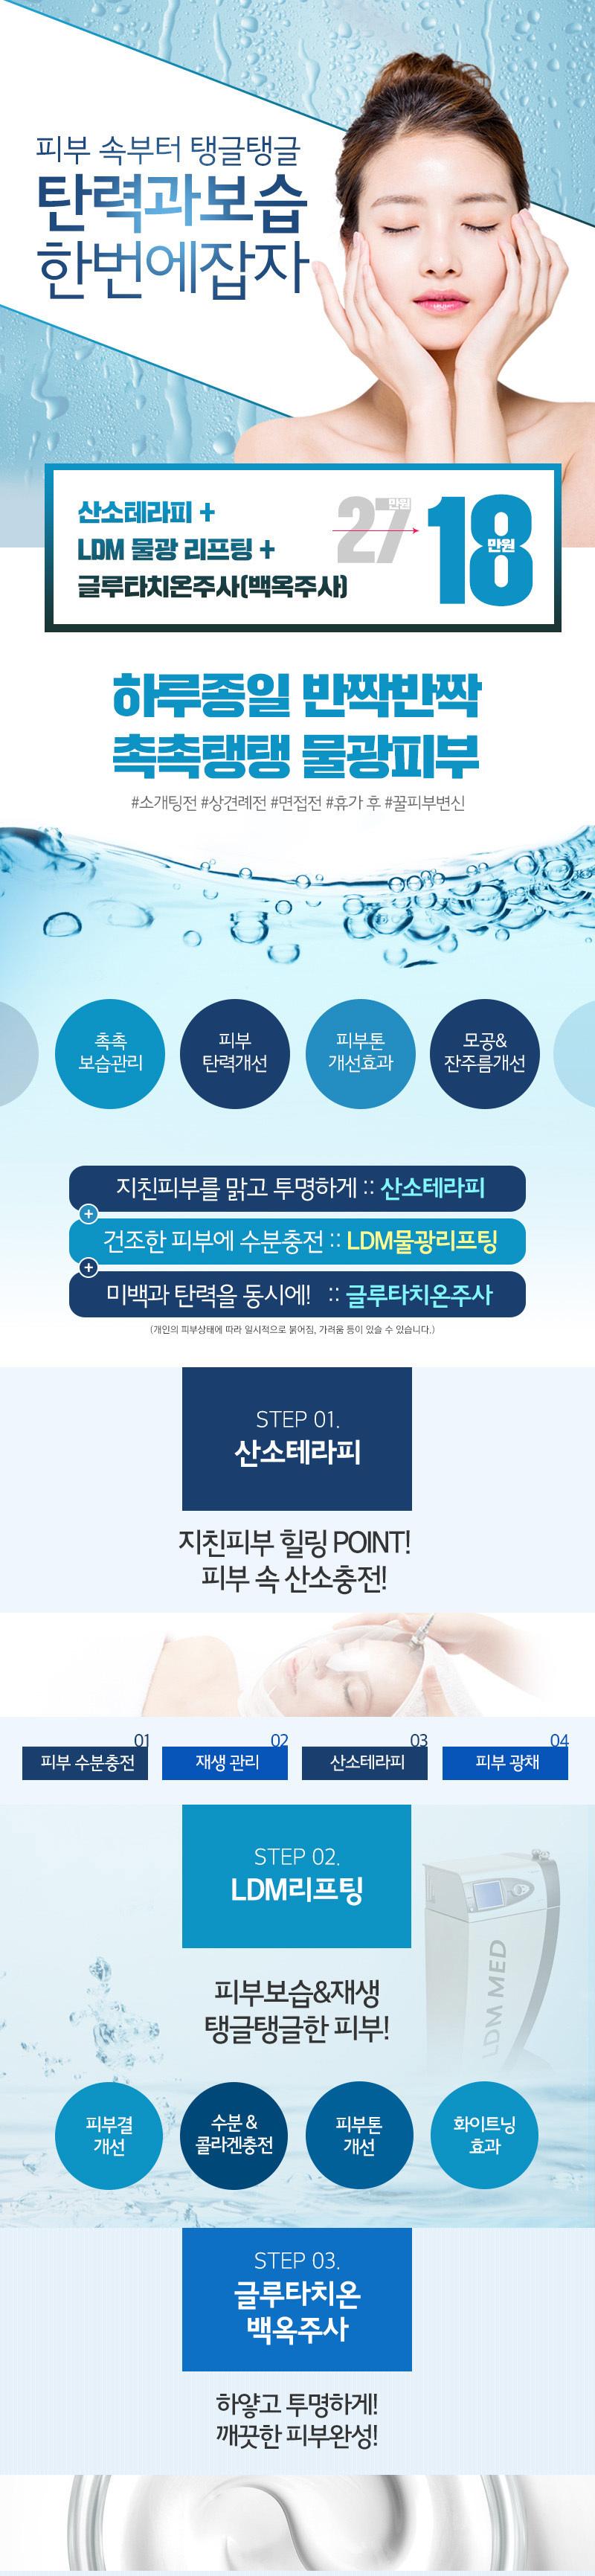 D event info ac149f924f98d872a4